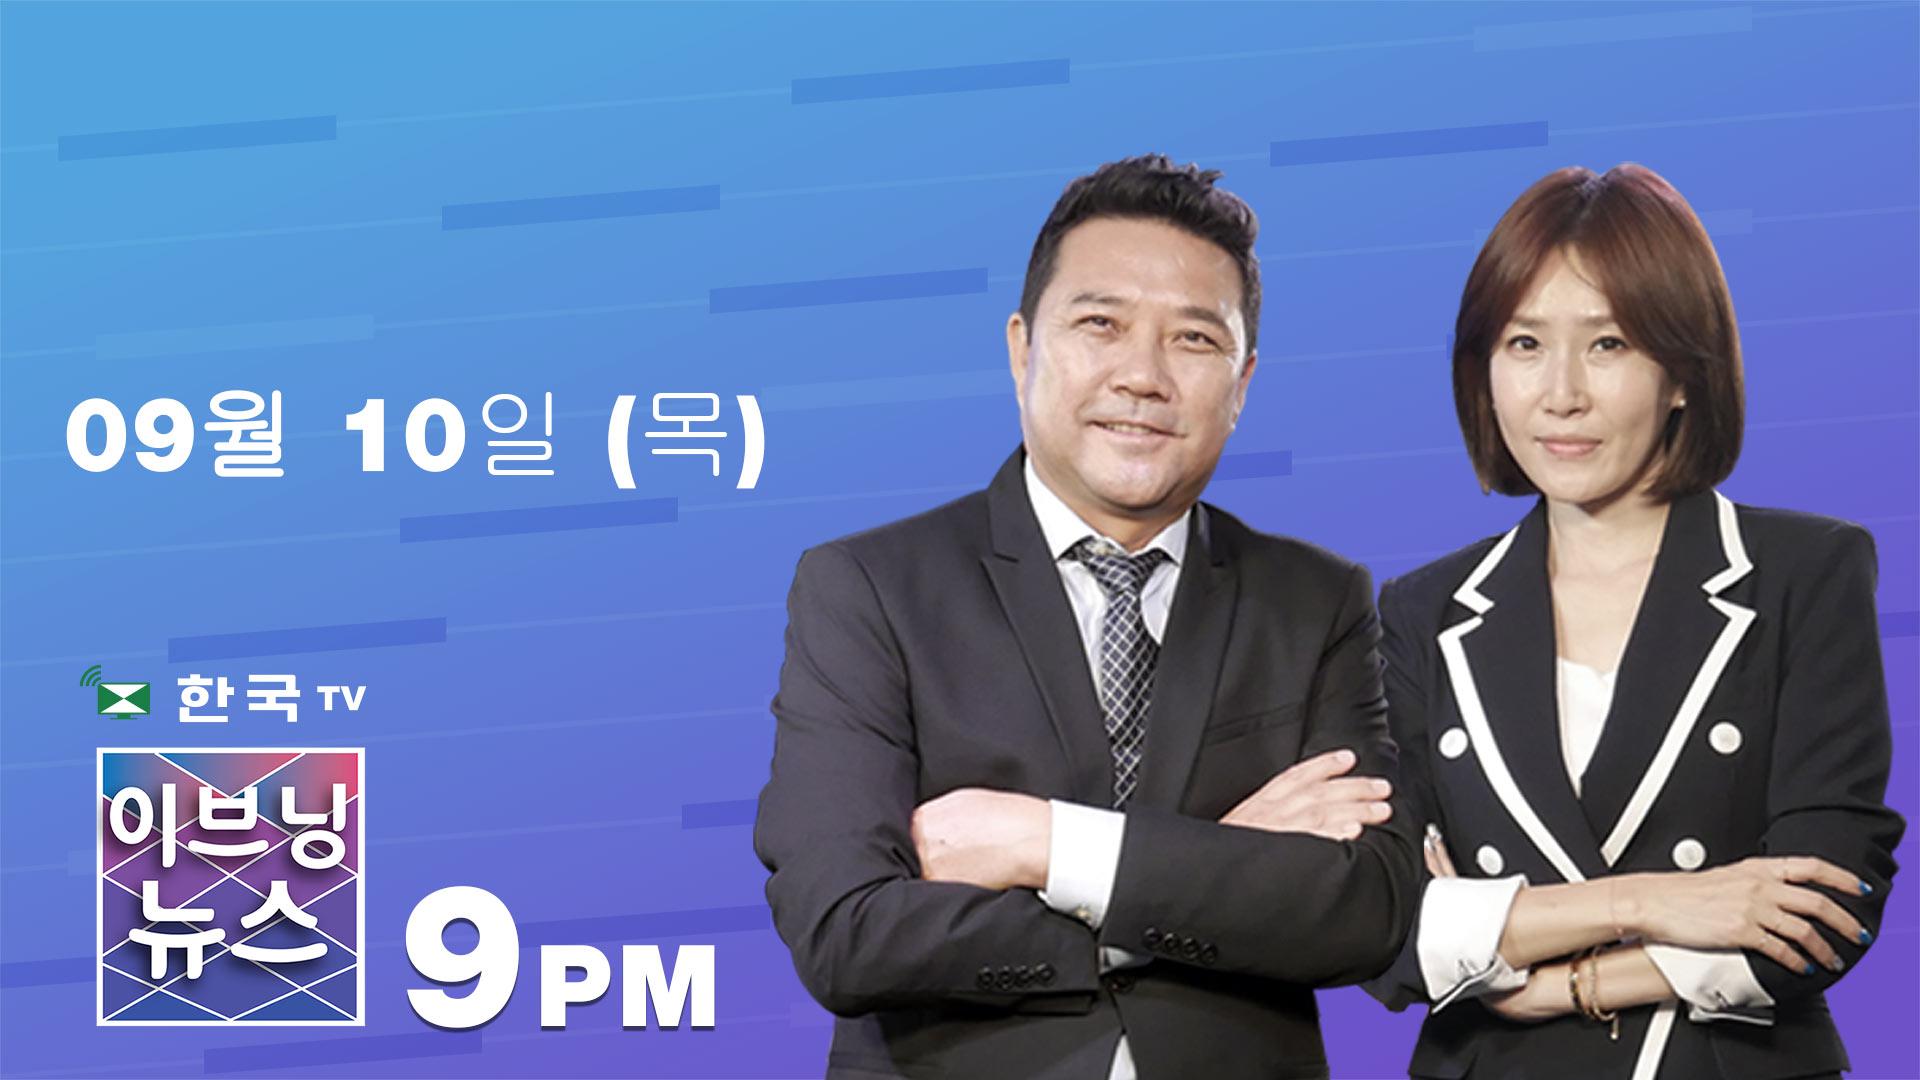 (09.10.2020) 한국TV 이브닝 뉴스